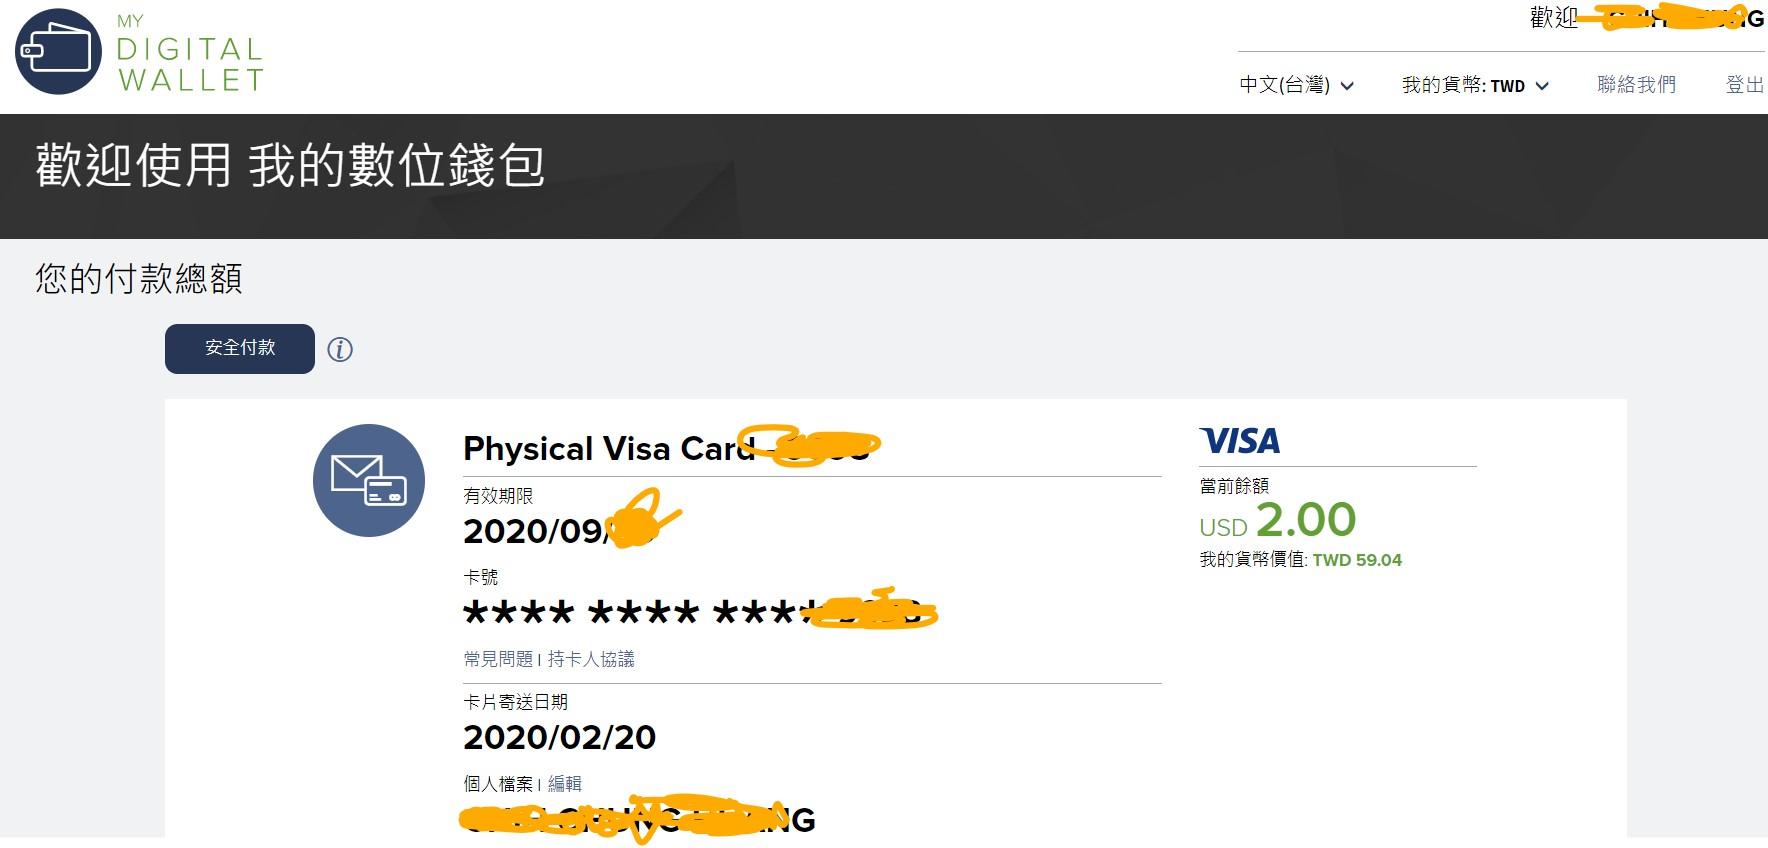 請問這個額度2美金的禮物卡可以去哪裡消費 - Mobile01